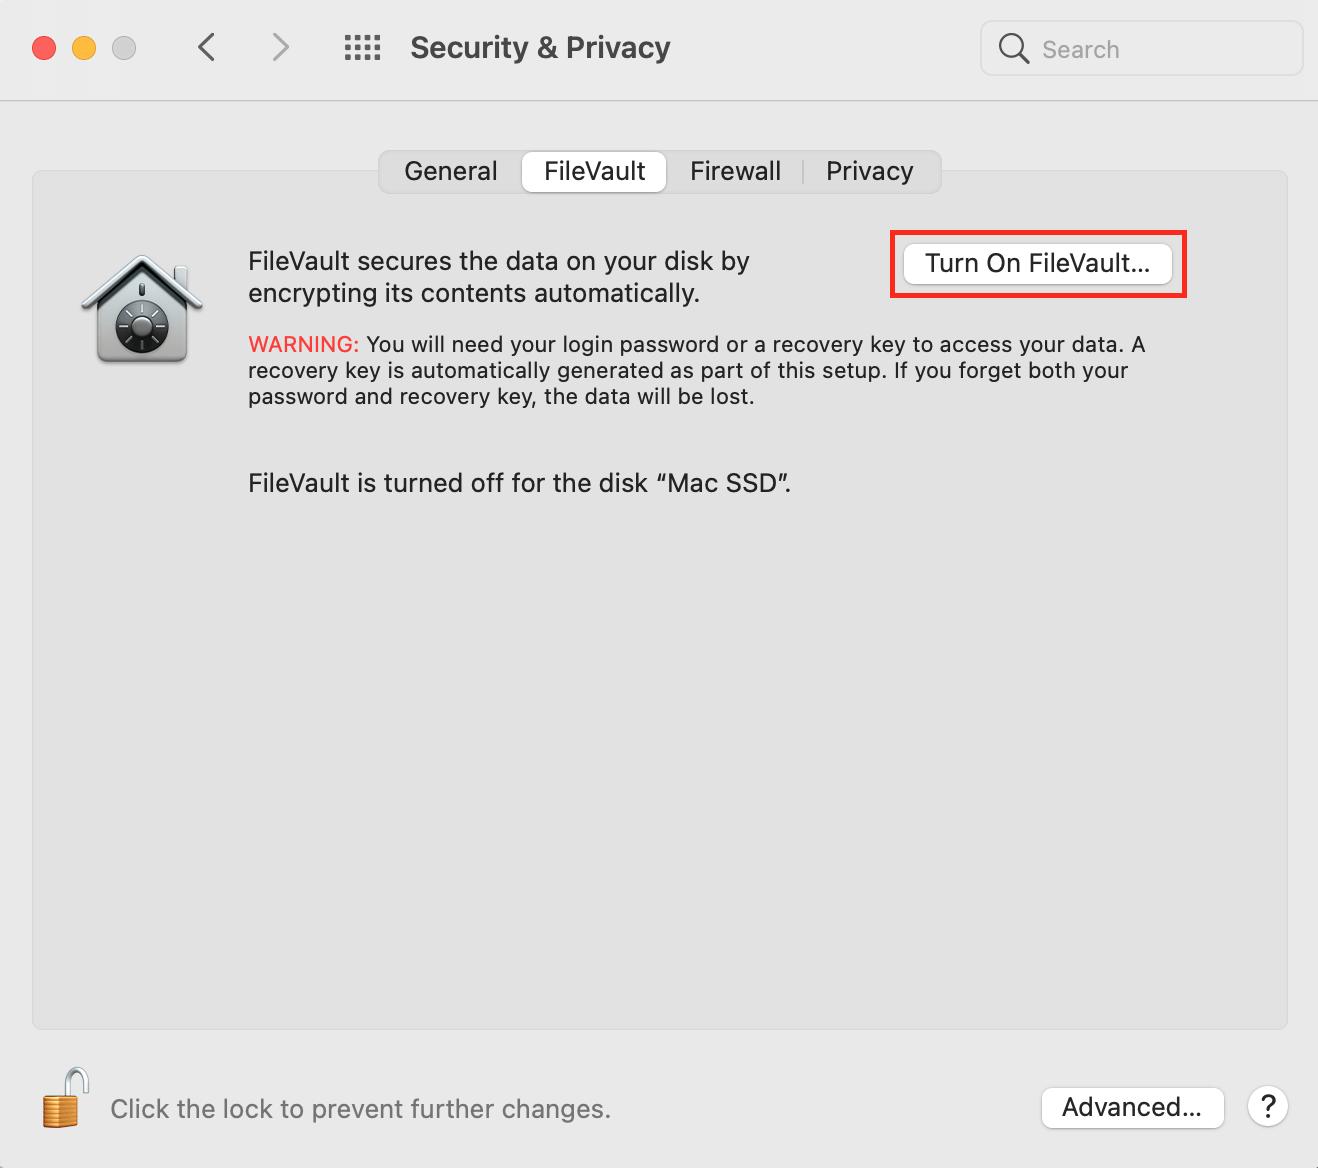 turn on FileVault on macOS